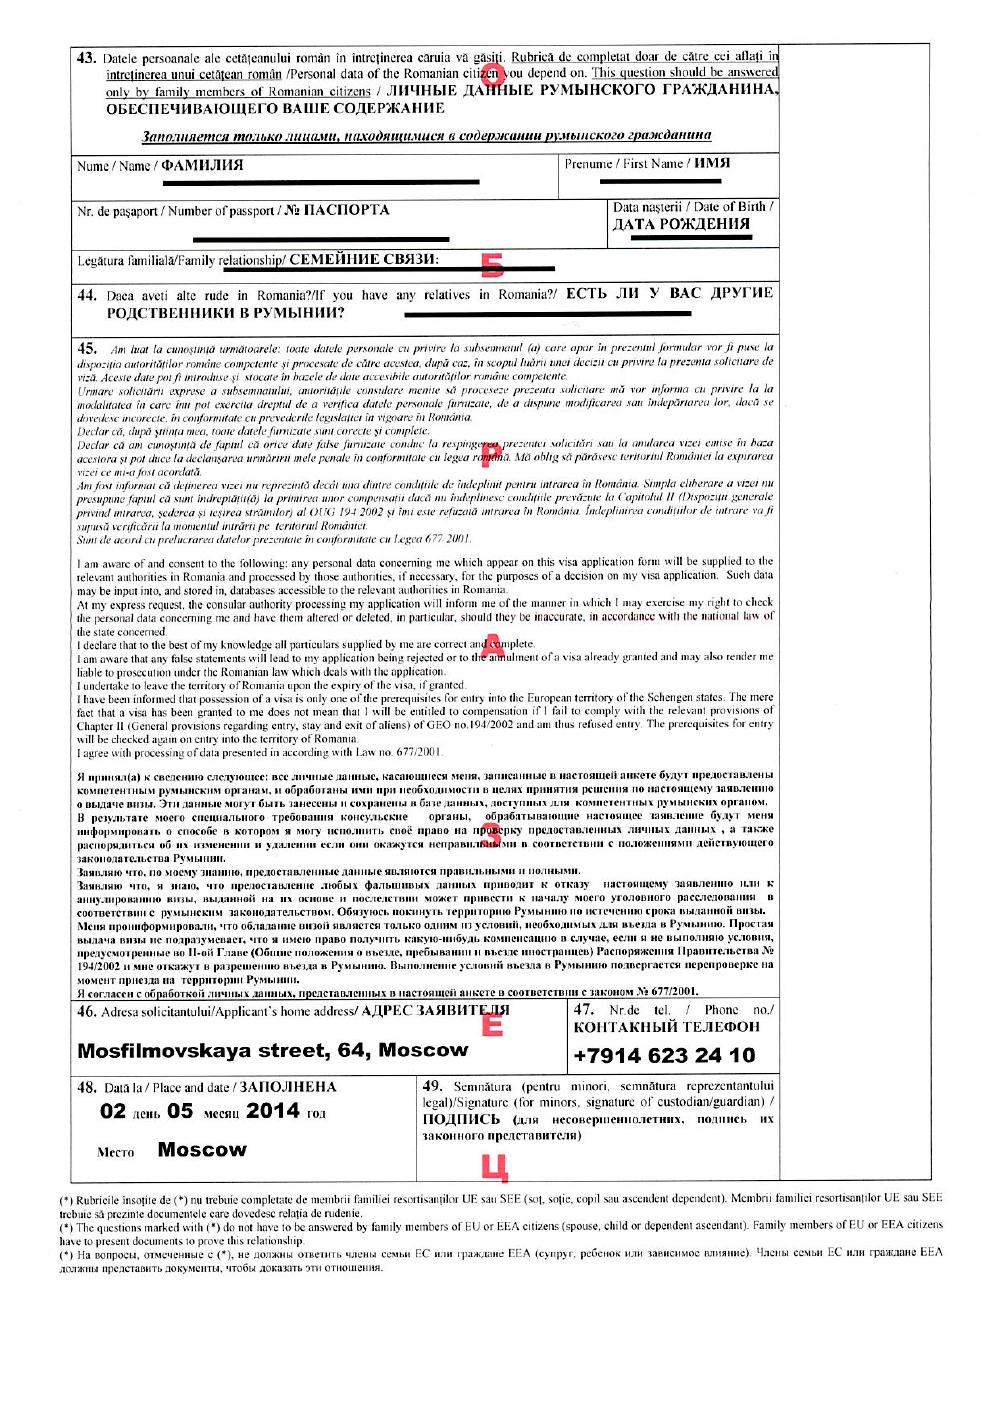 Образец заполненной анкеты на визу в Румынию, стр. 4